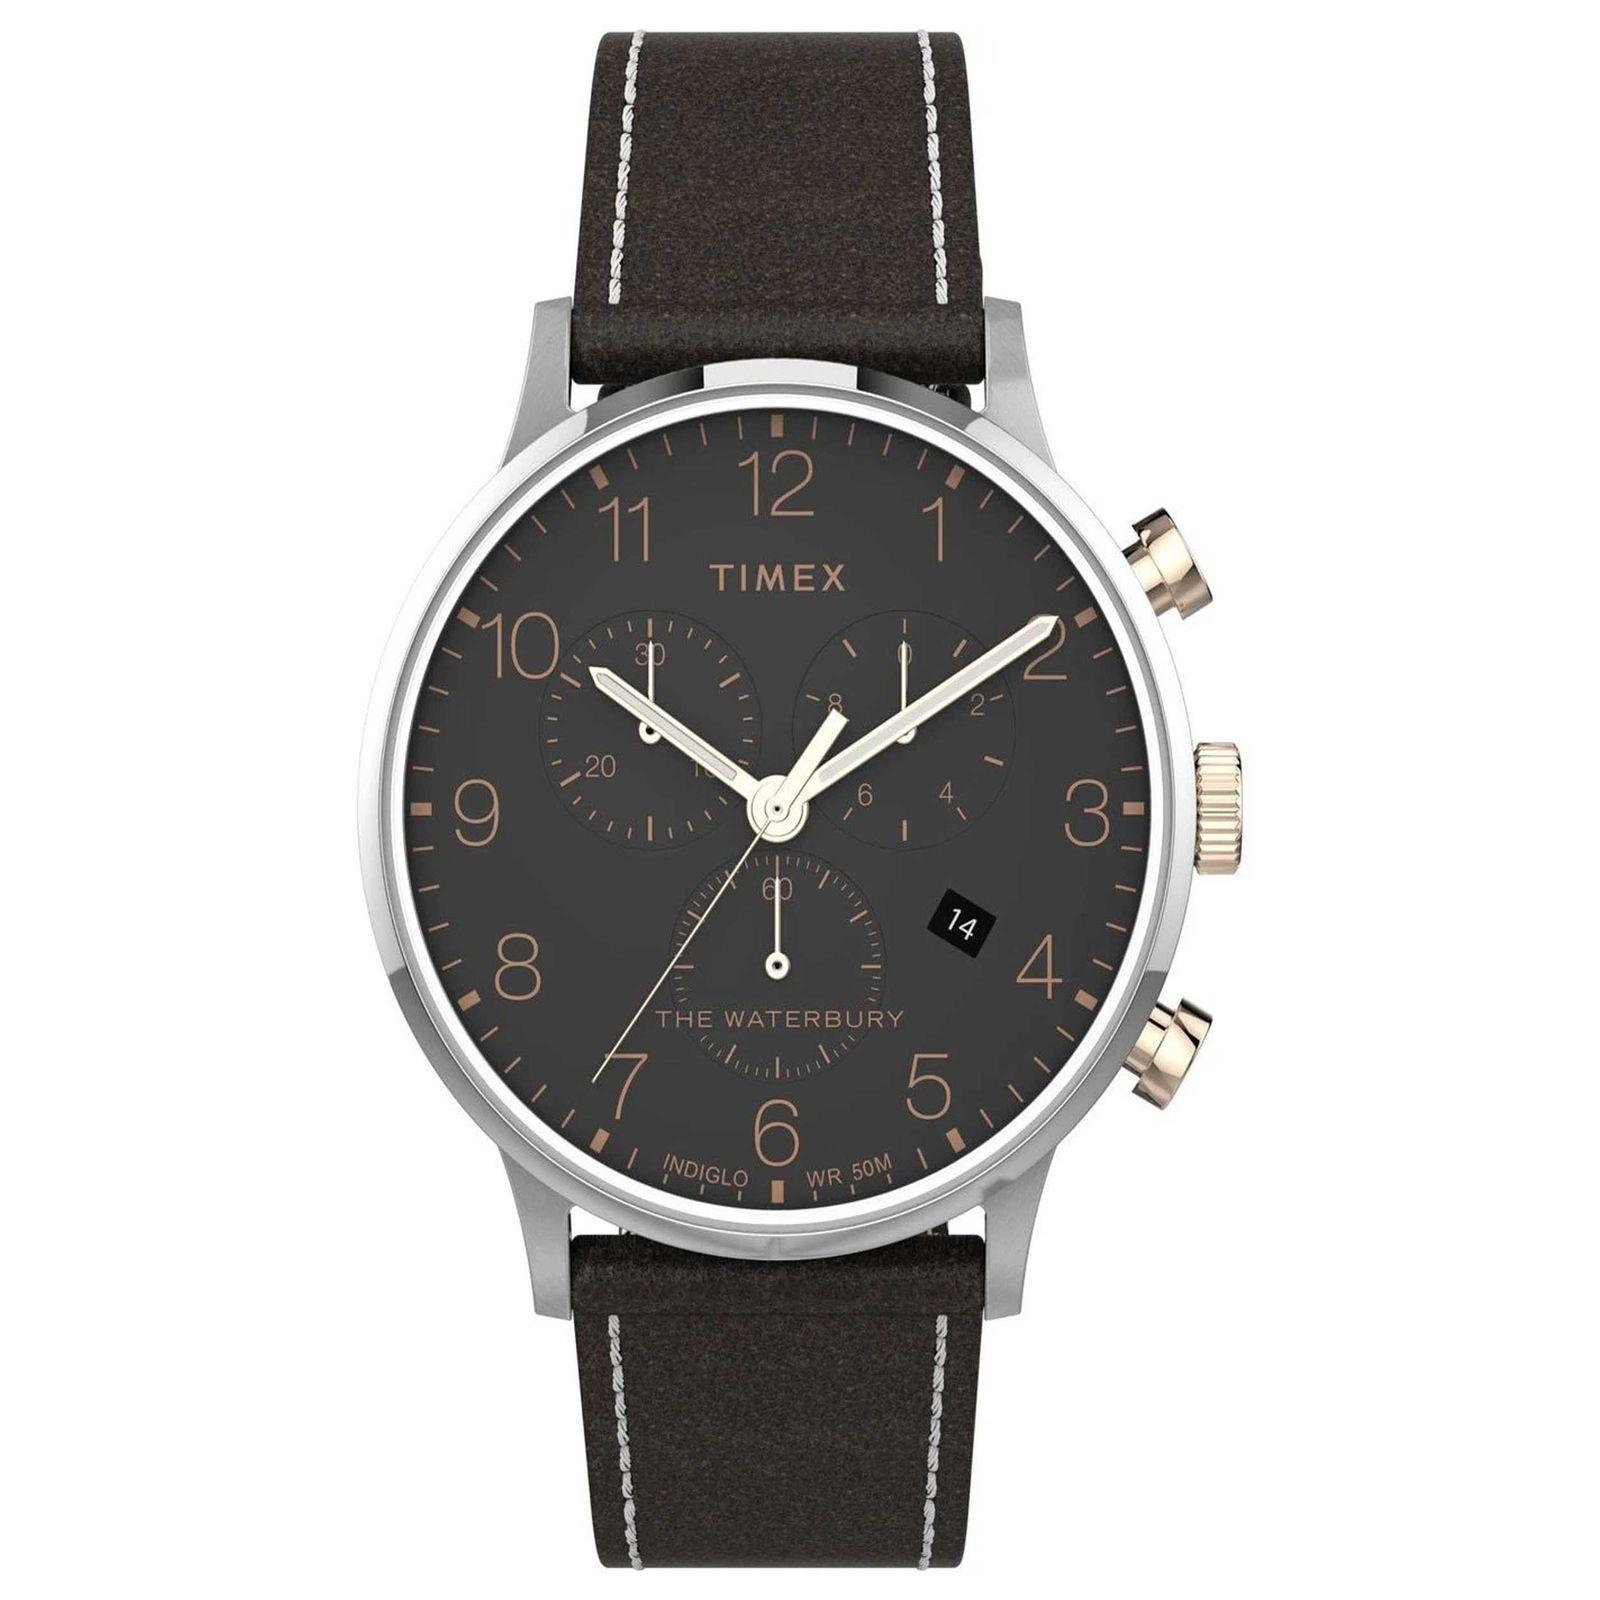 ساعت مچی عقربه ای مردانه تایمکس مدل TW2T71500 -  - 3